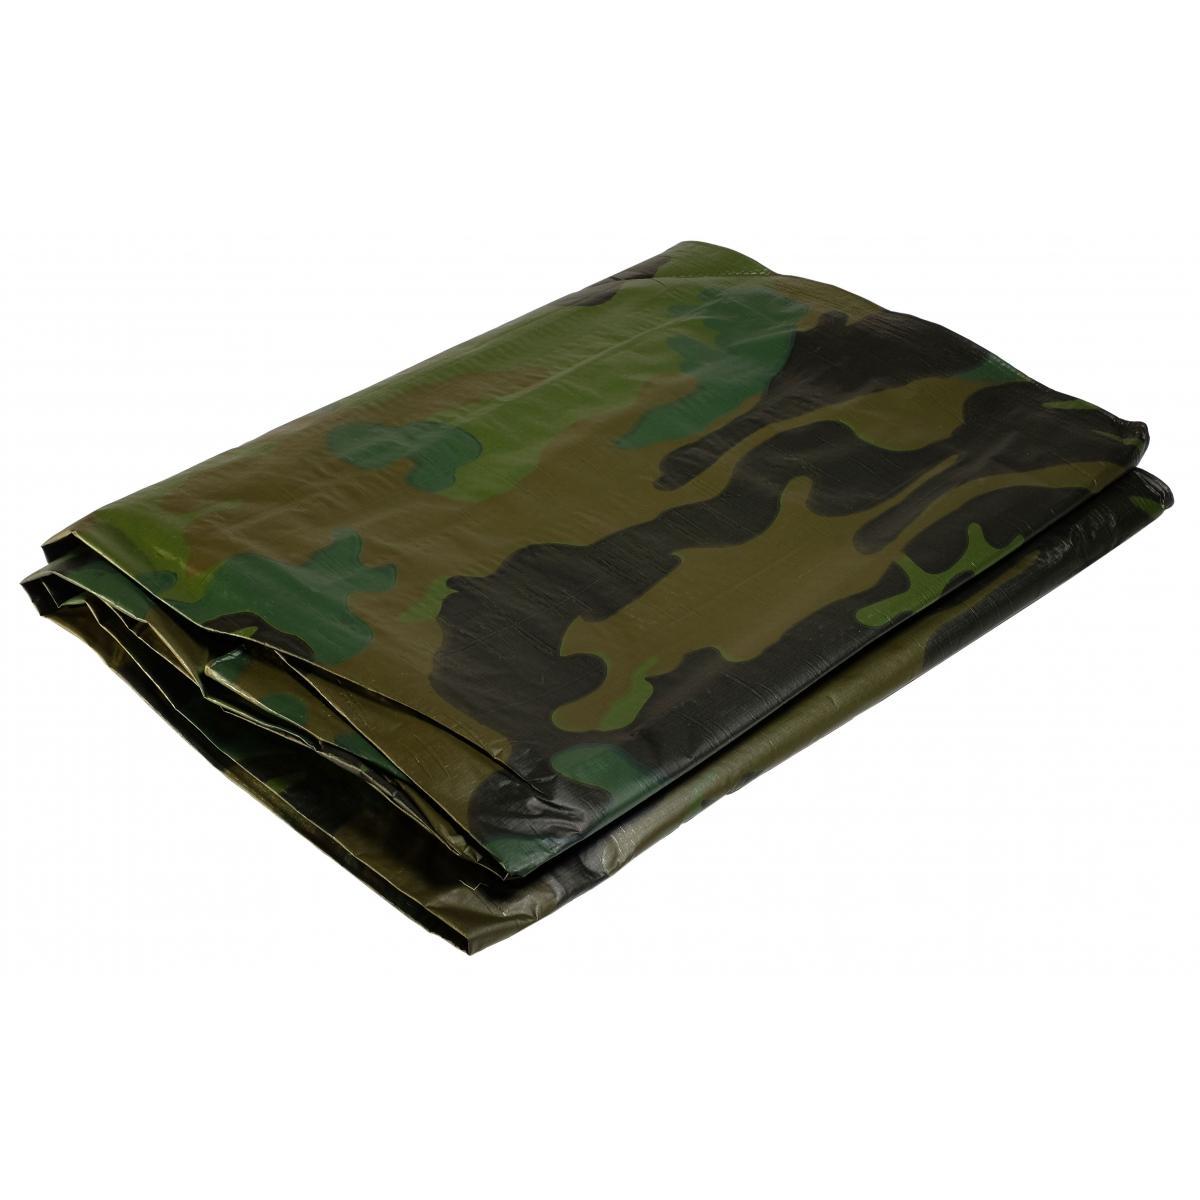 Univers Du Pro Bâche militaire 3,6x5 m 150 gr/m2 Bâche camouflage de sol verte et noire Bâche de protection en polyéthylène